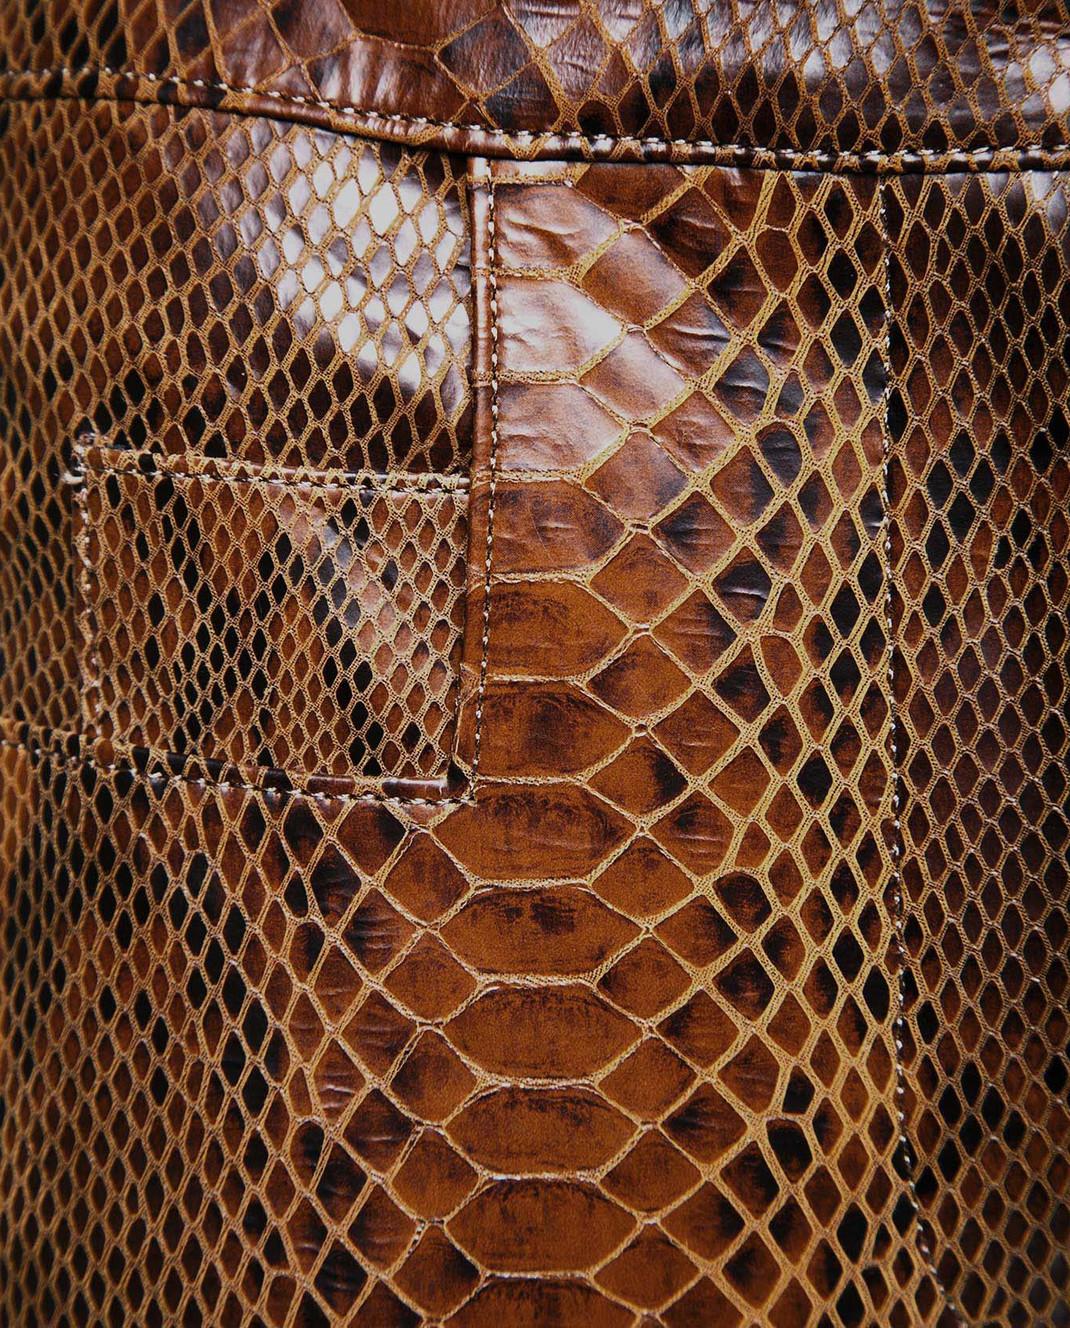 Balmain Коричневые кожаные брюки 115500 изображение 3